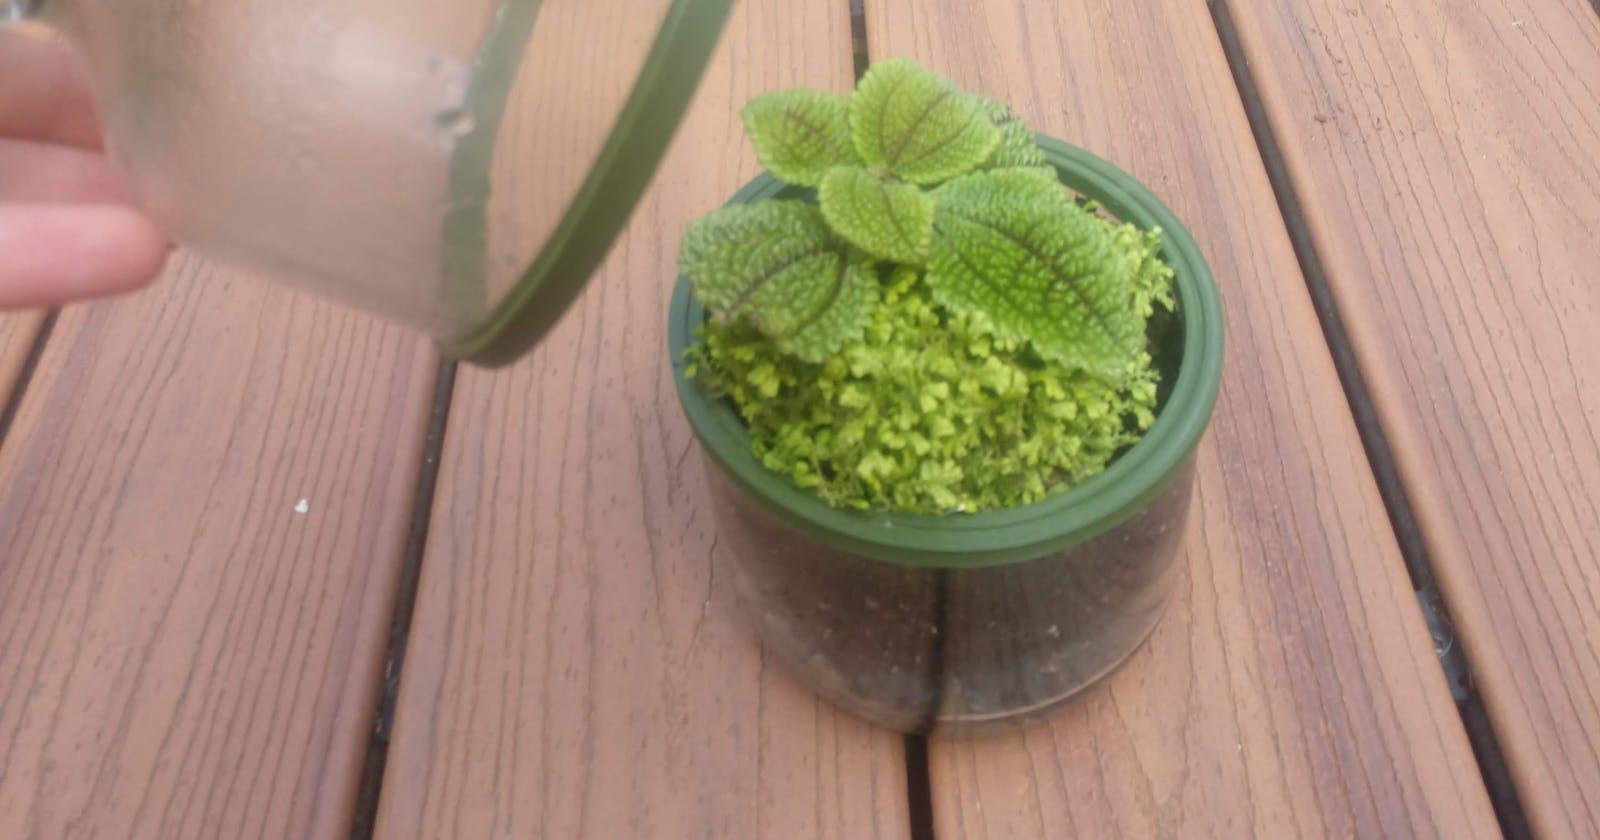 Update: Plants in a bottle